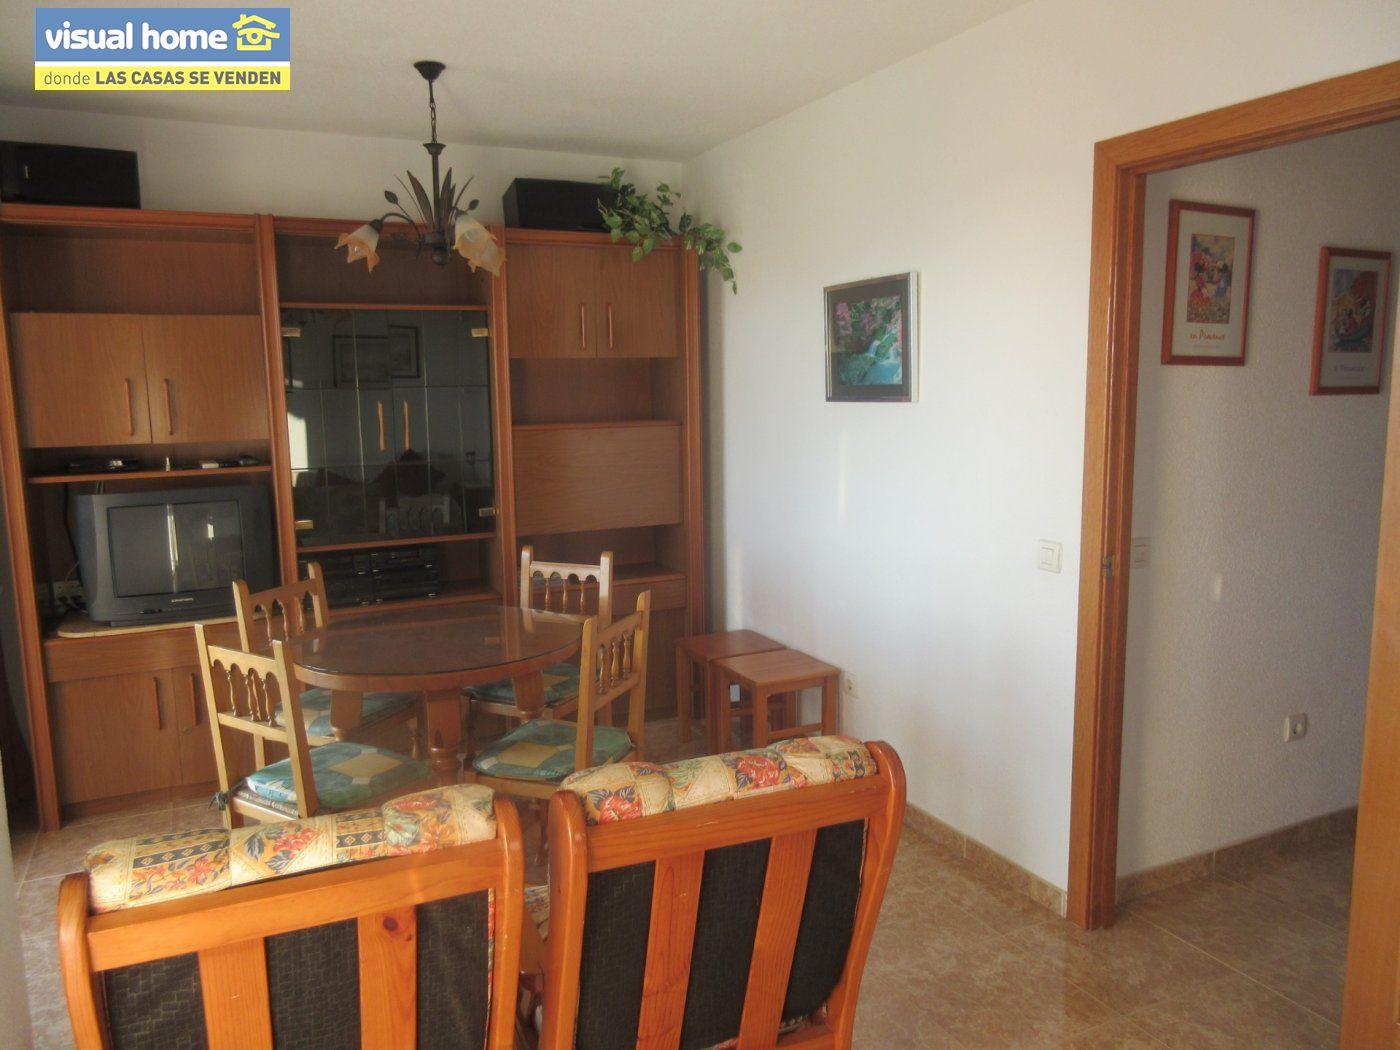 Apartamento 1 dormitorio con vistas espectaculares con parking y piscina en Rincón de Loix llano 17